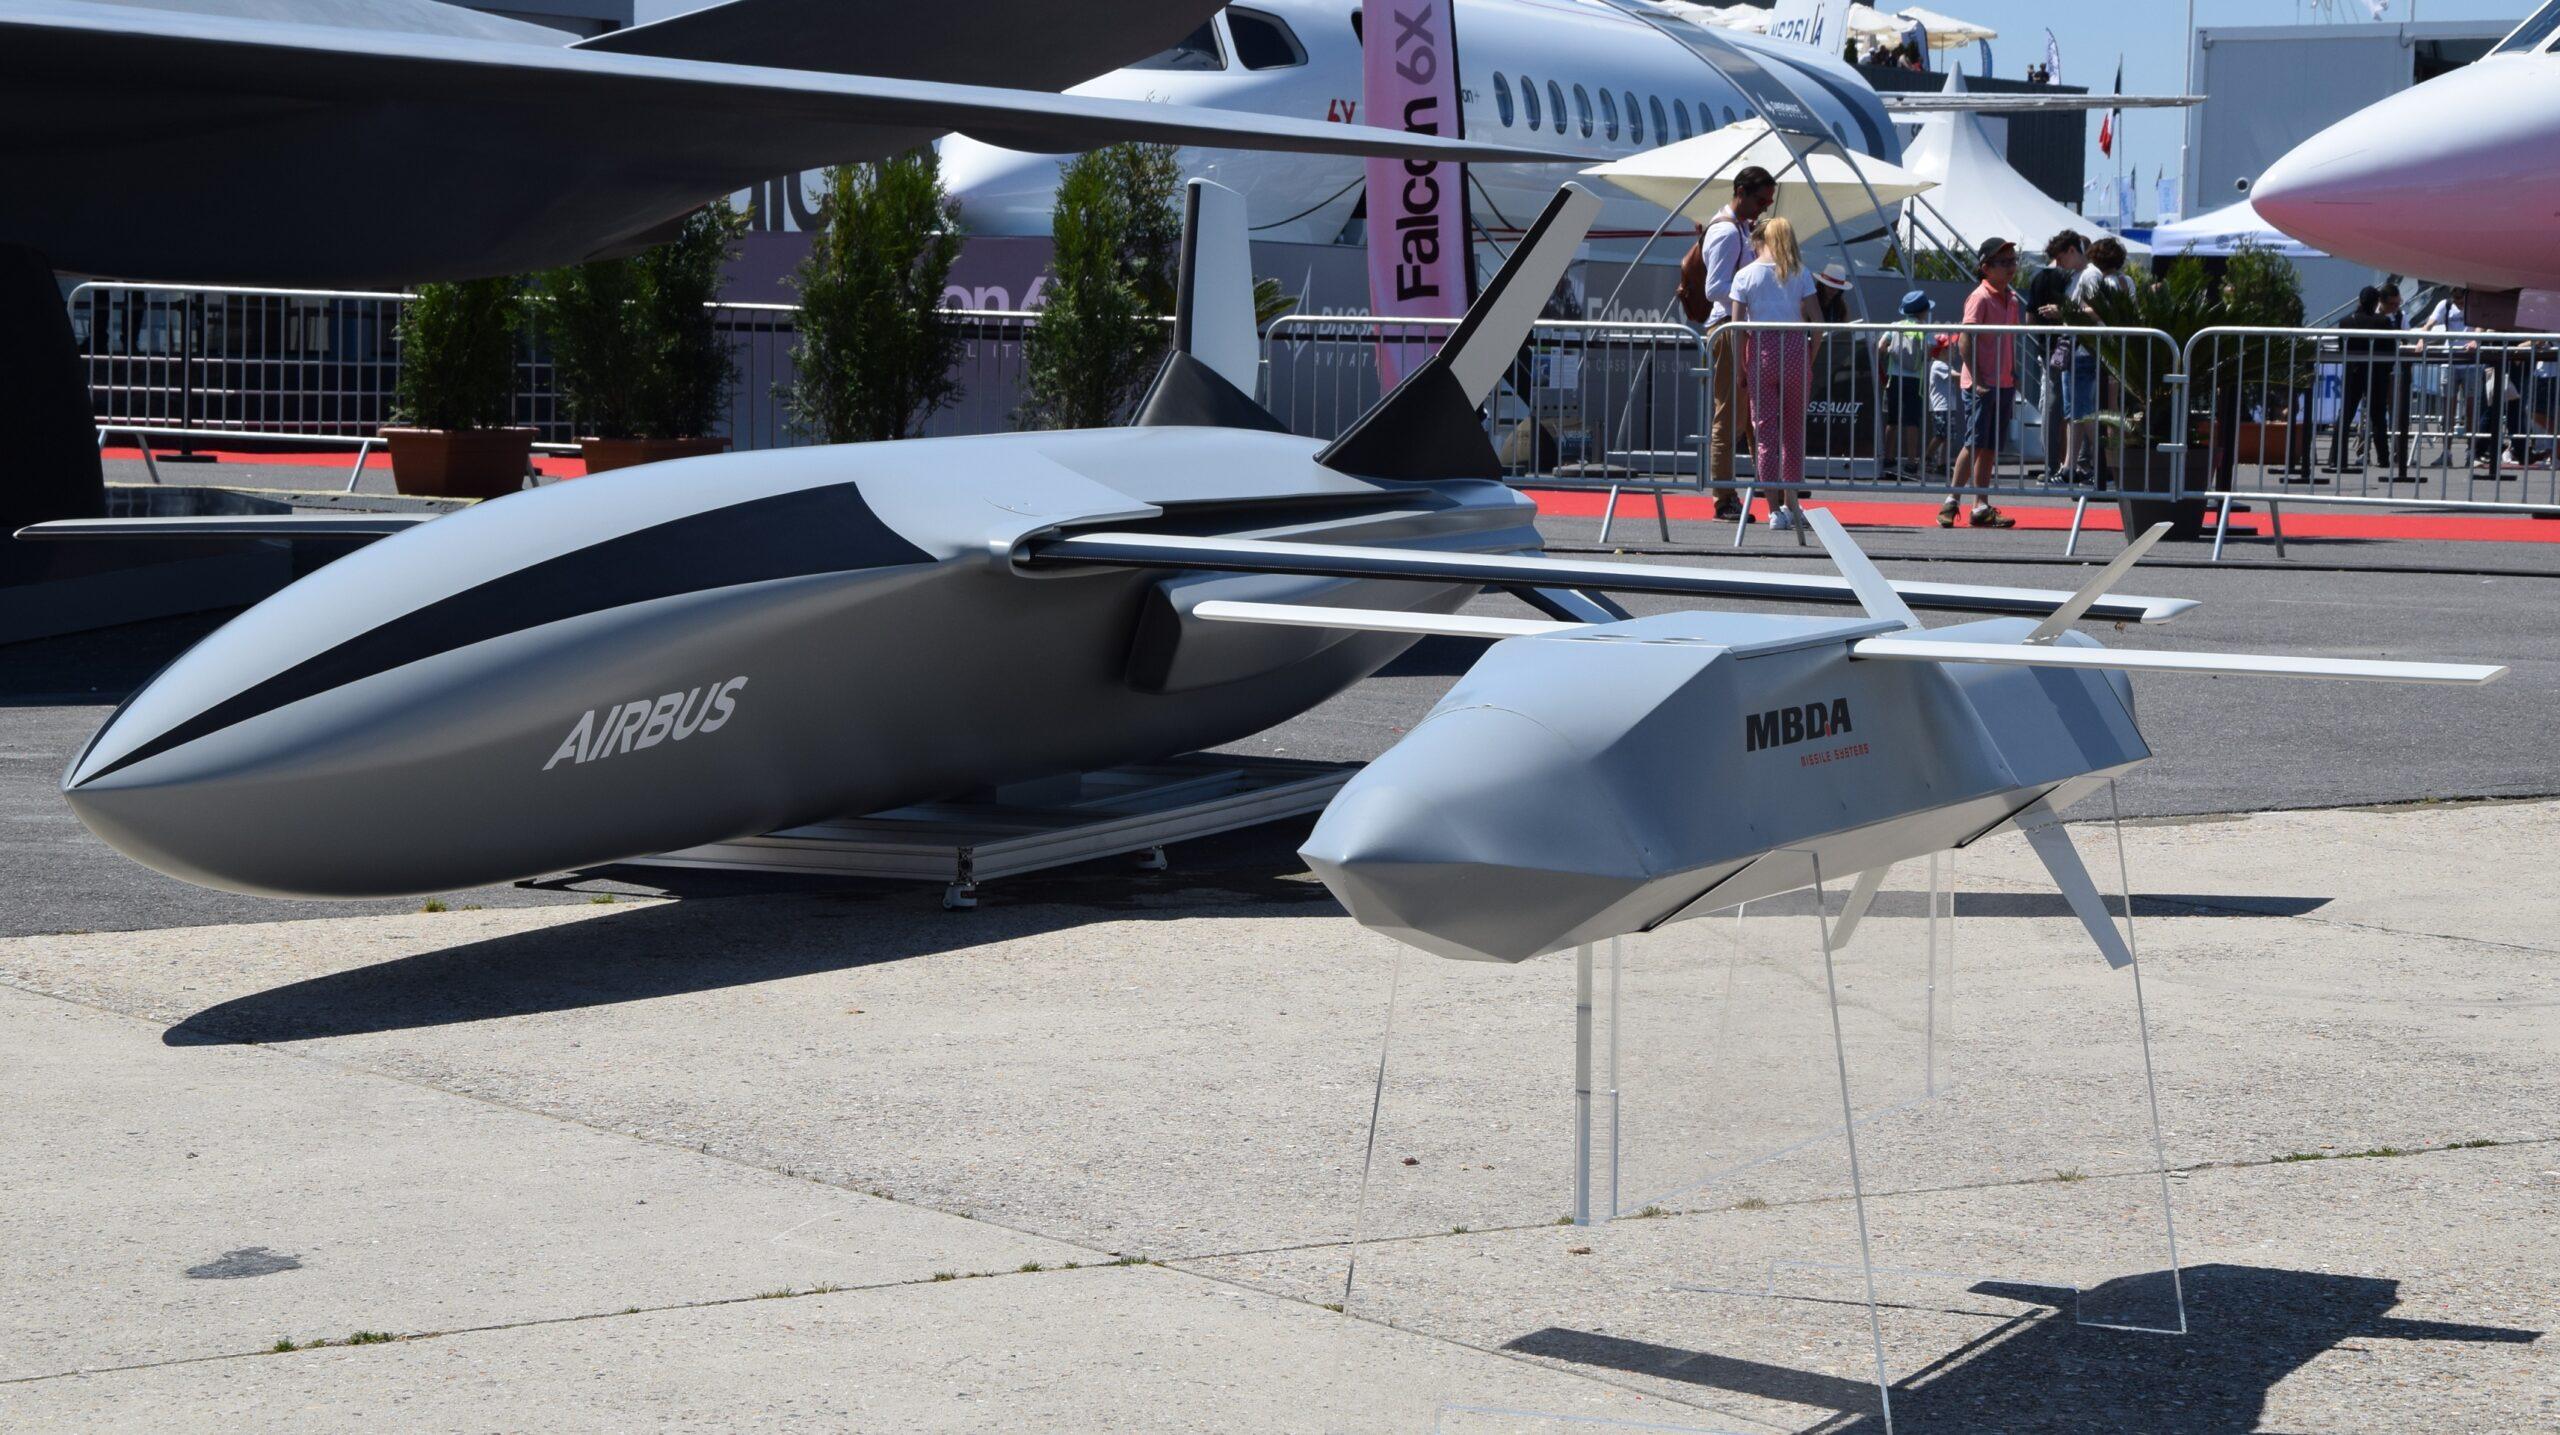 """Europa apărării. Airbus și MBDA colaborează pentru drone """"Remote Carriers"""""""